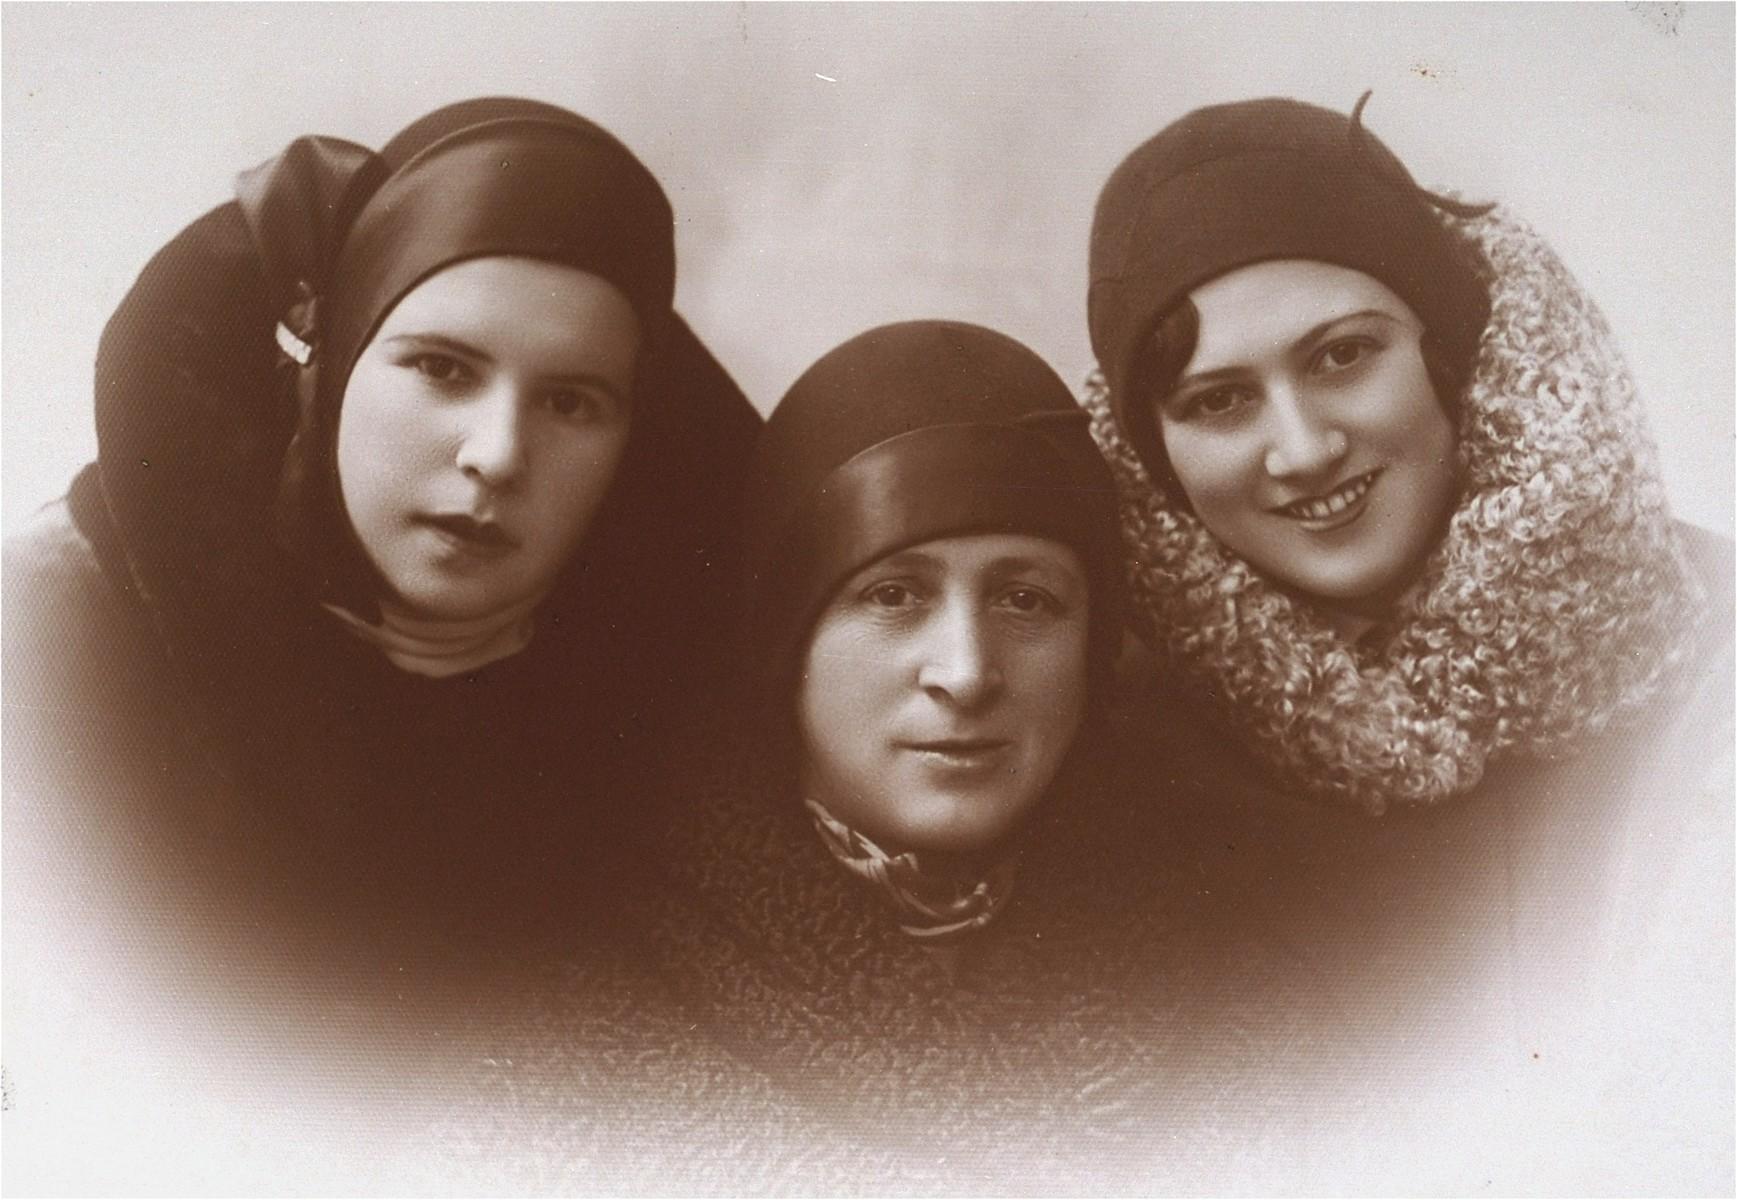 Portrait of the three Gellerman cousins in Kovno.